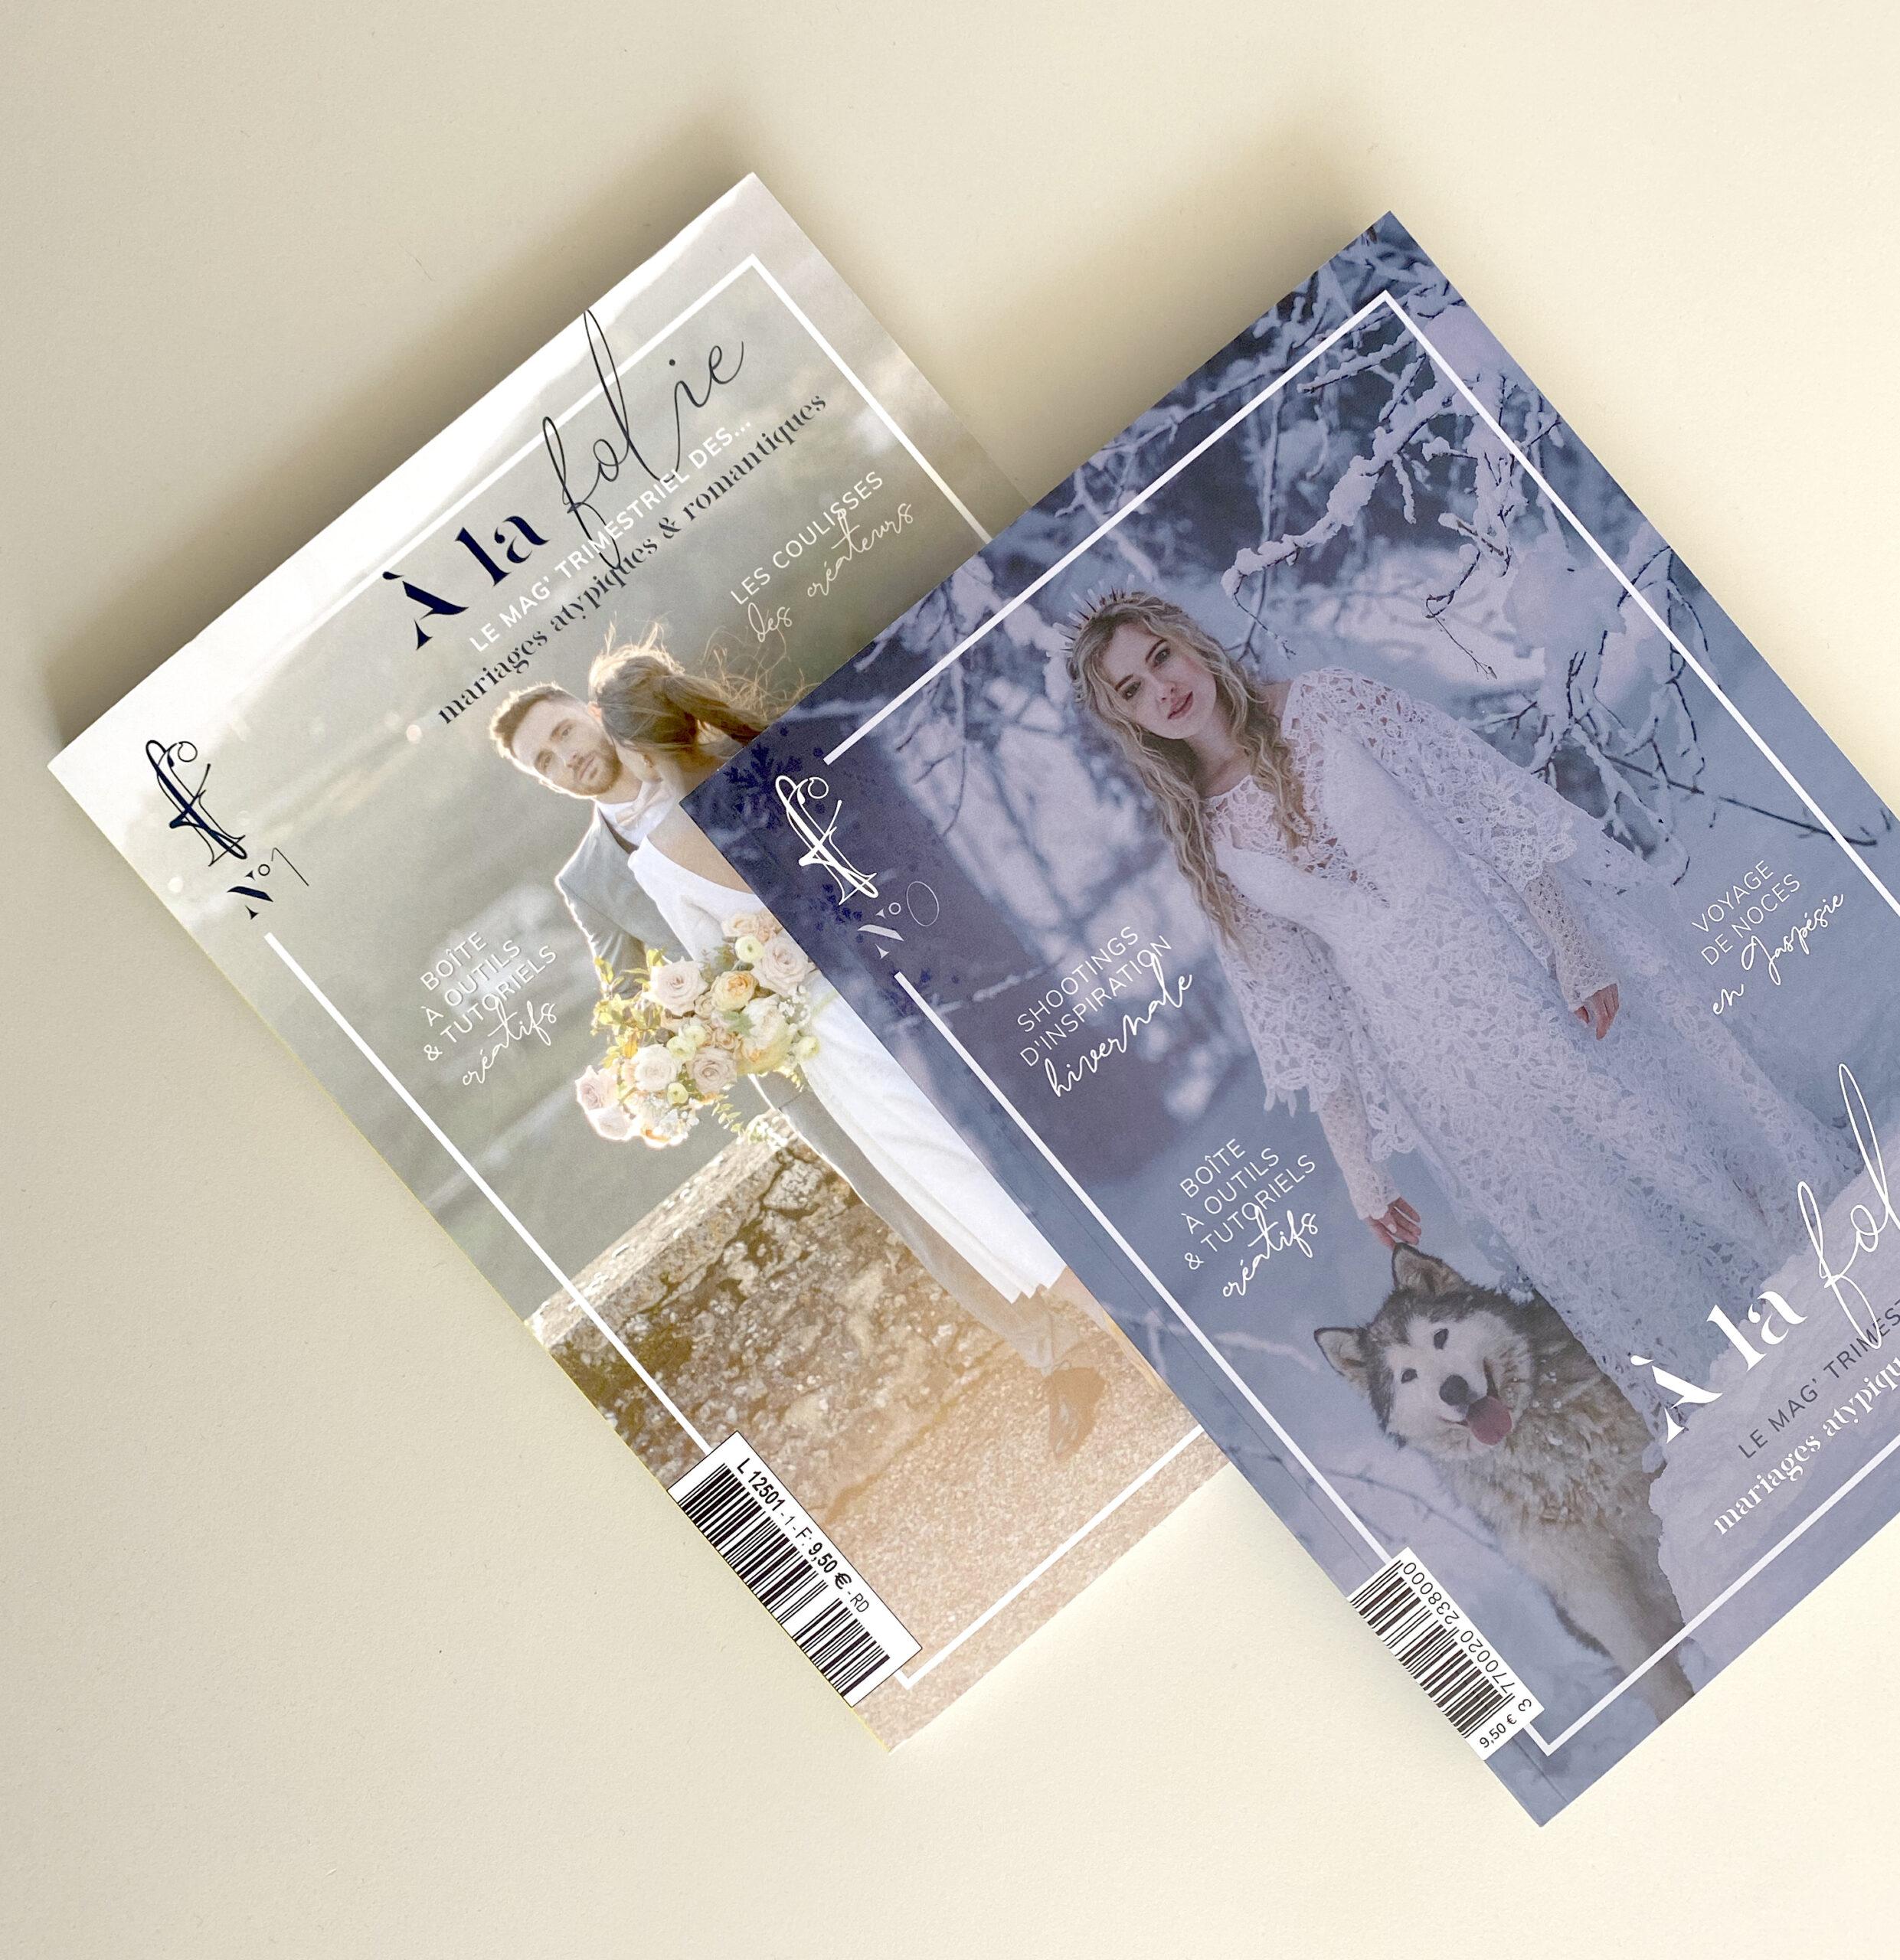 Pile de magazine A la folie le mag, numéro 0